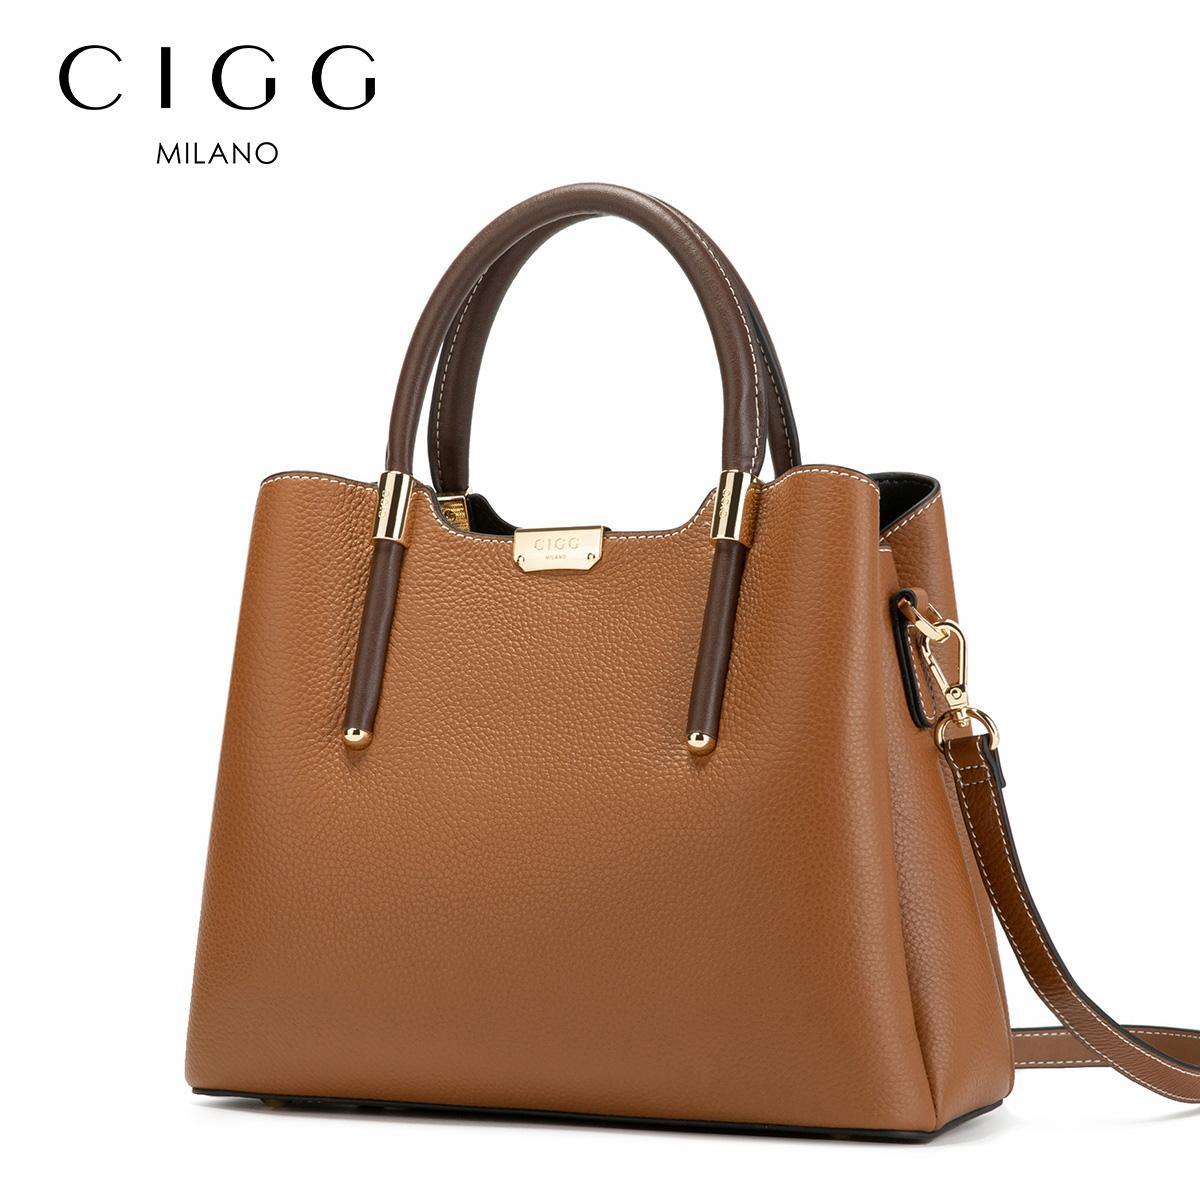 2020 echtes Leder-Handtasche der Frauen 2020-Sommer-neuer Beutel der Frauen große Kapazitäts-einzelne Schulter Messenger Bag Top Layer Rindsleder